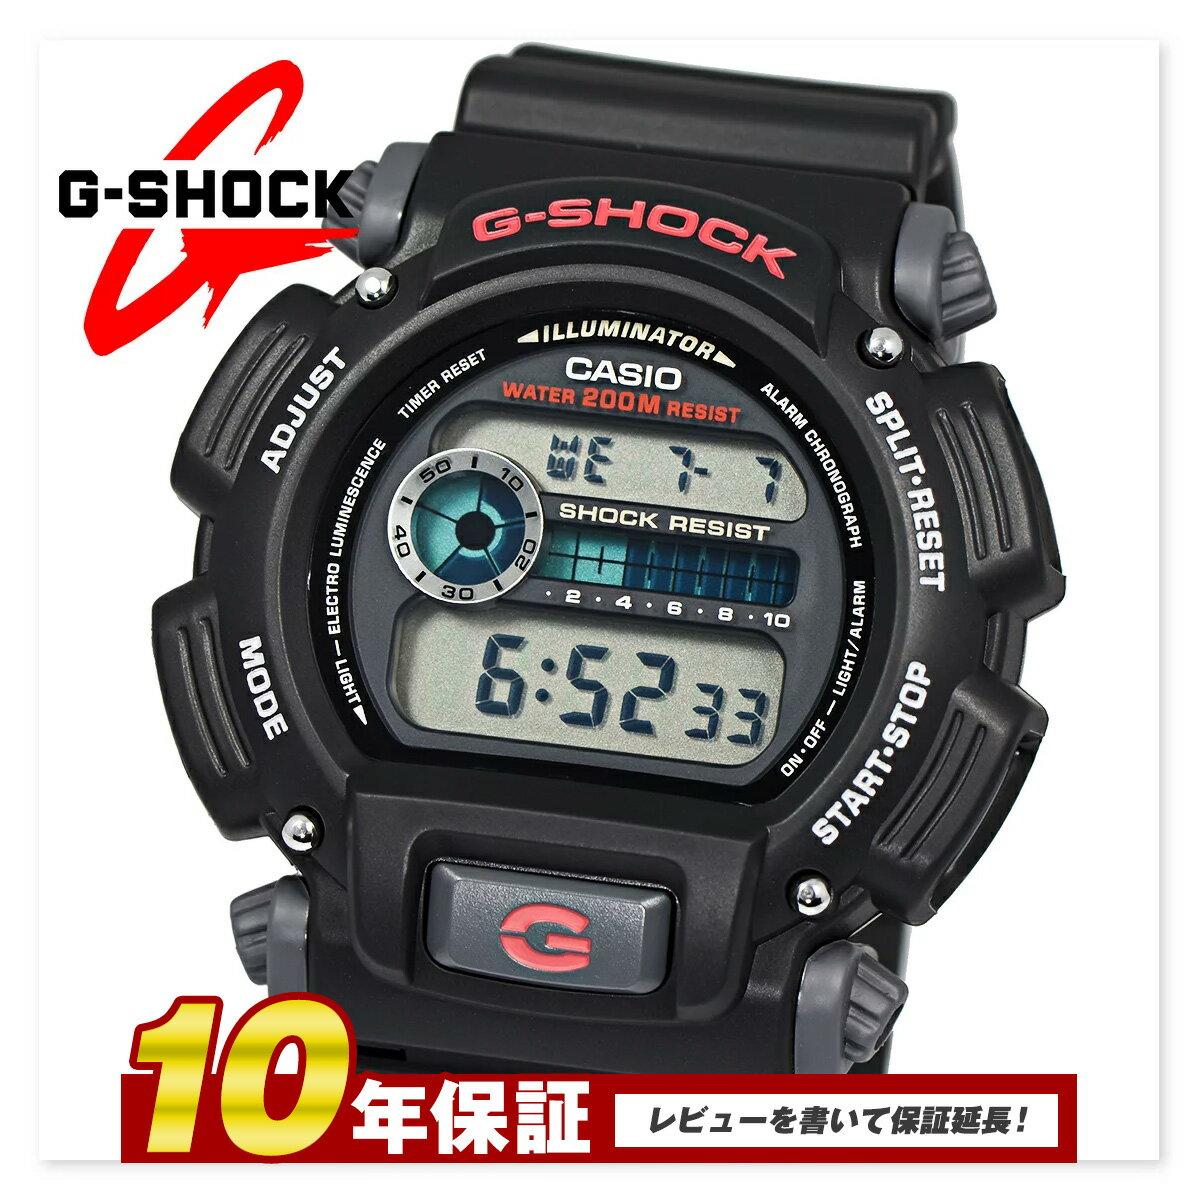 カシオ CASIO ベーシック モデル BASIC MODEL DW9052-1V メンズ 時計 腕時計 クオーツ カレンダー